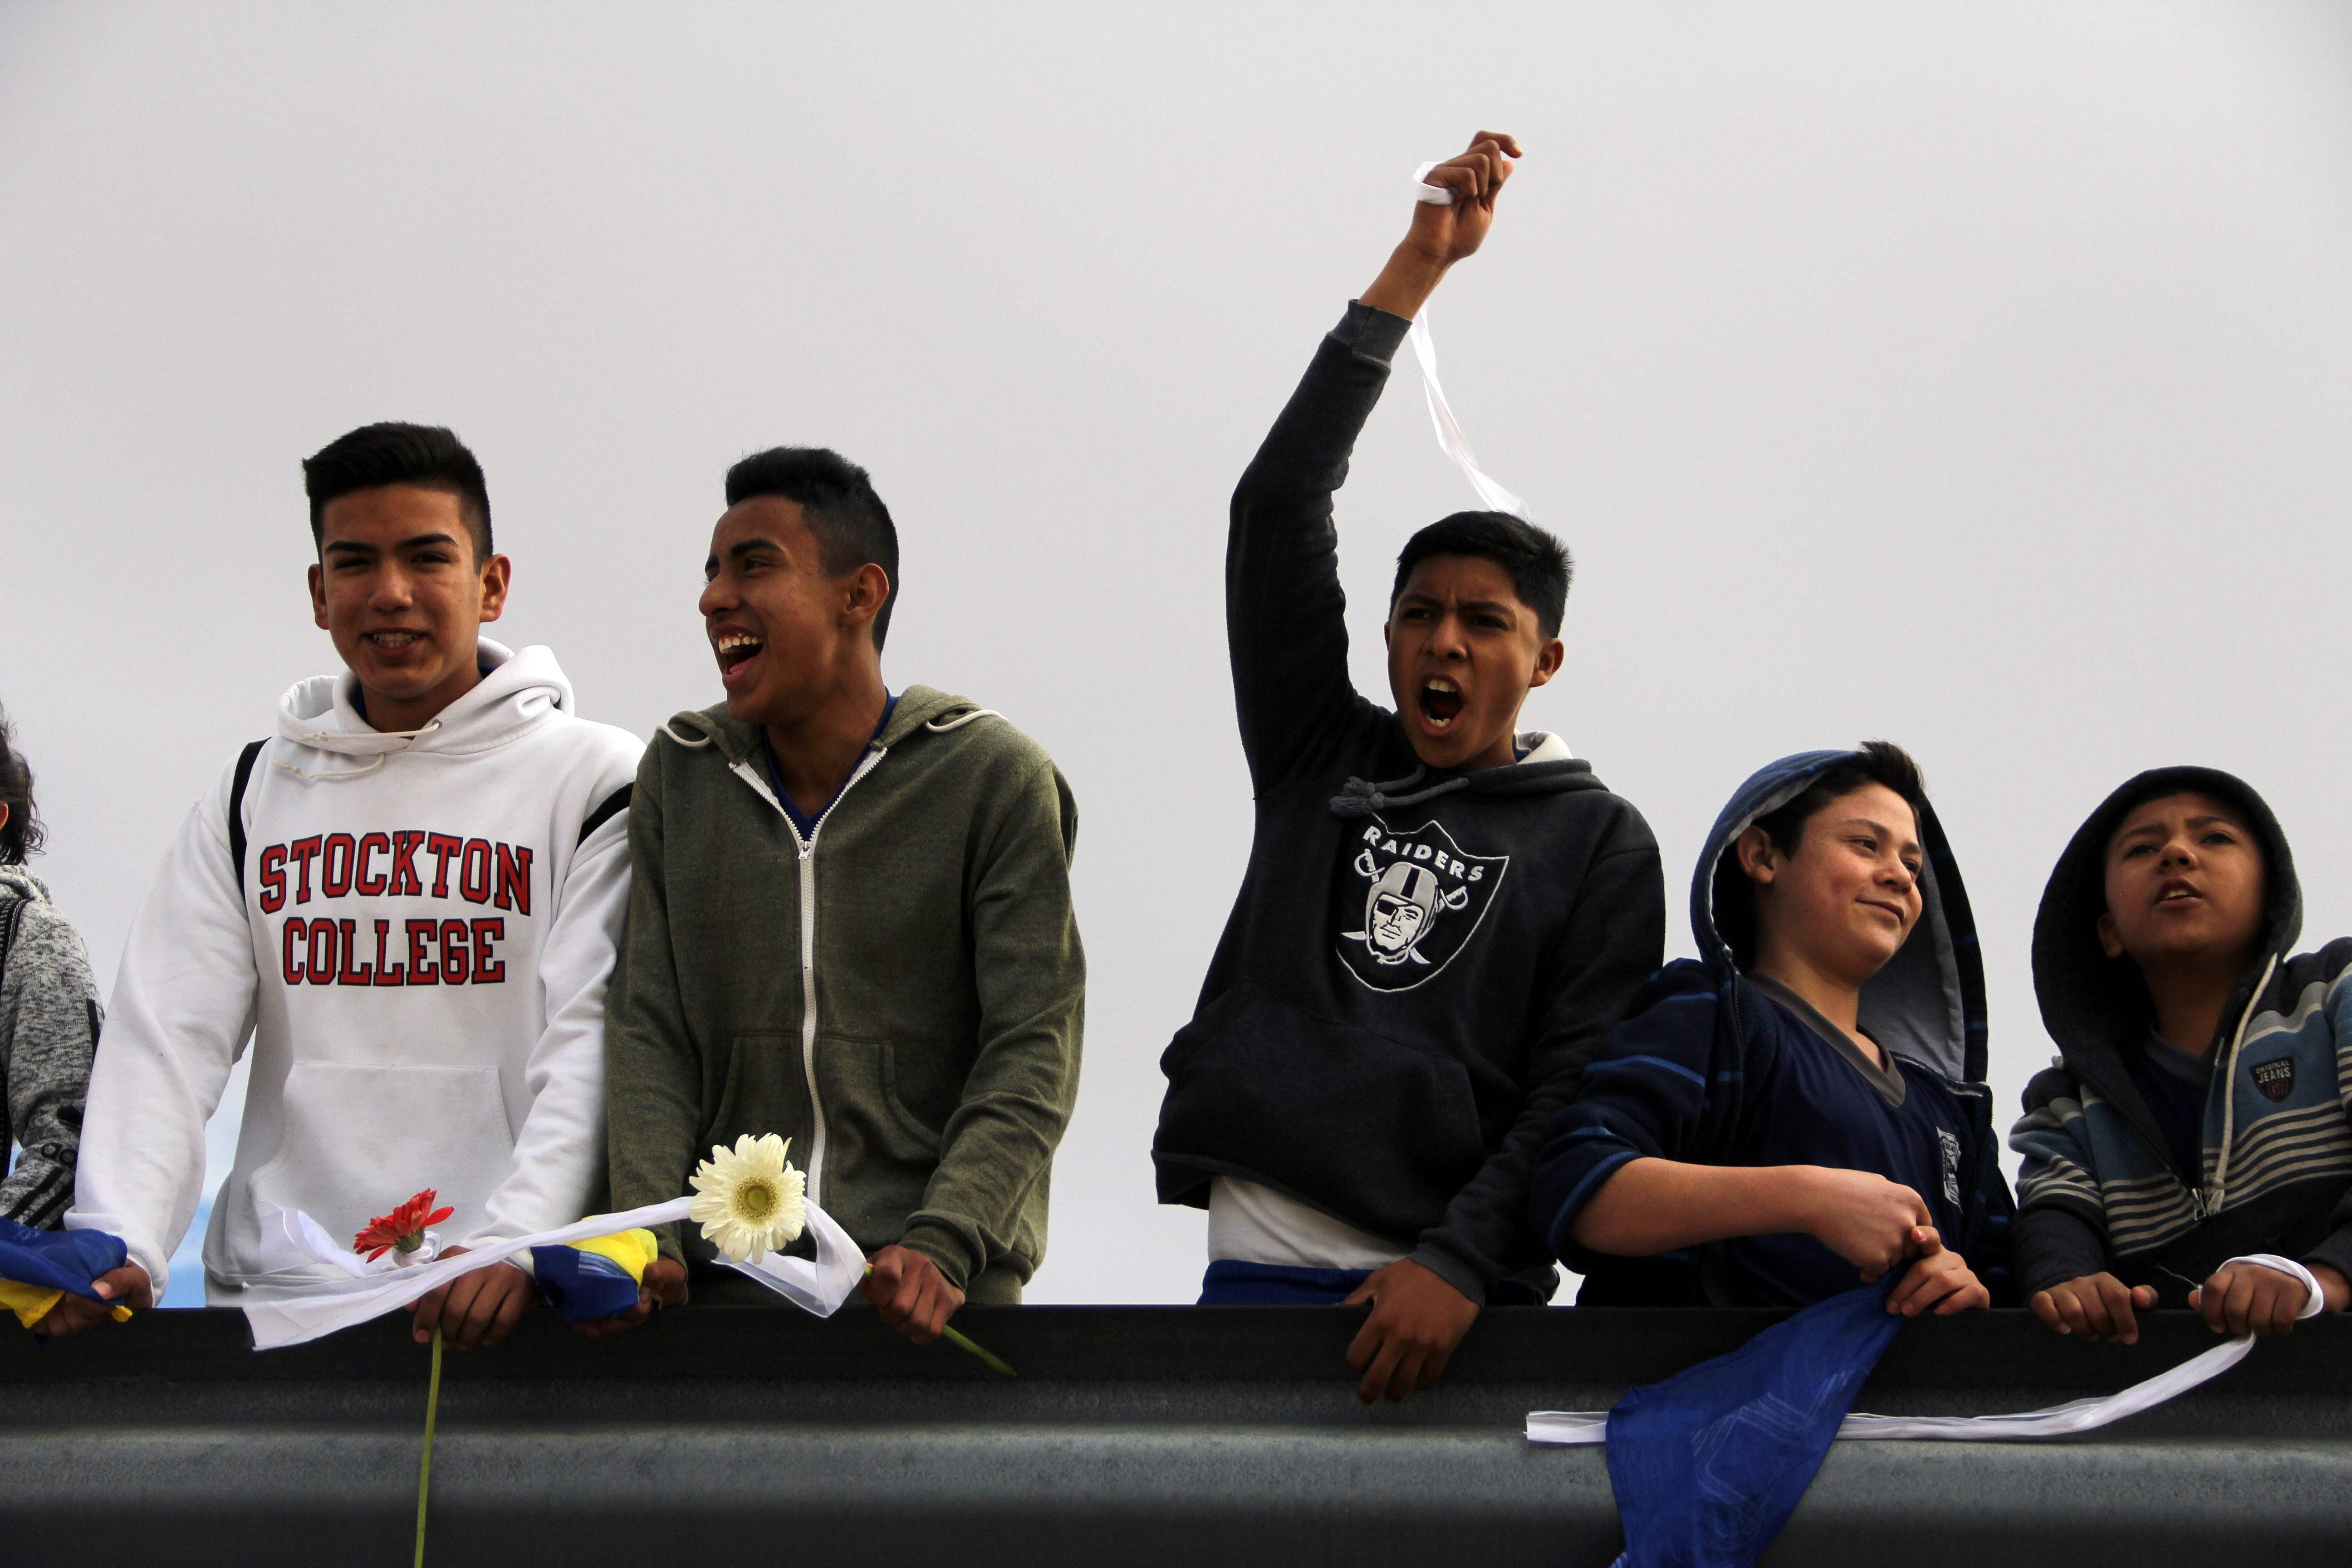 شباب يشاركون فى الوقفة الاحتجاجية ضد قرار ترامب